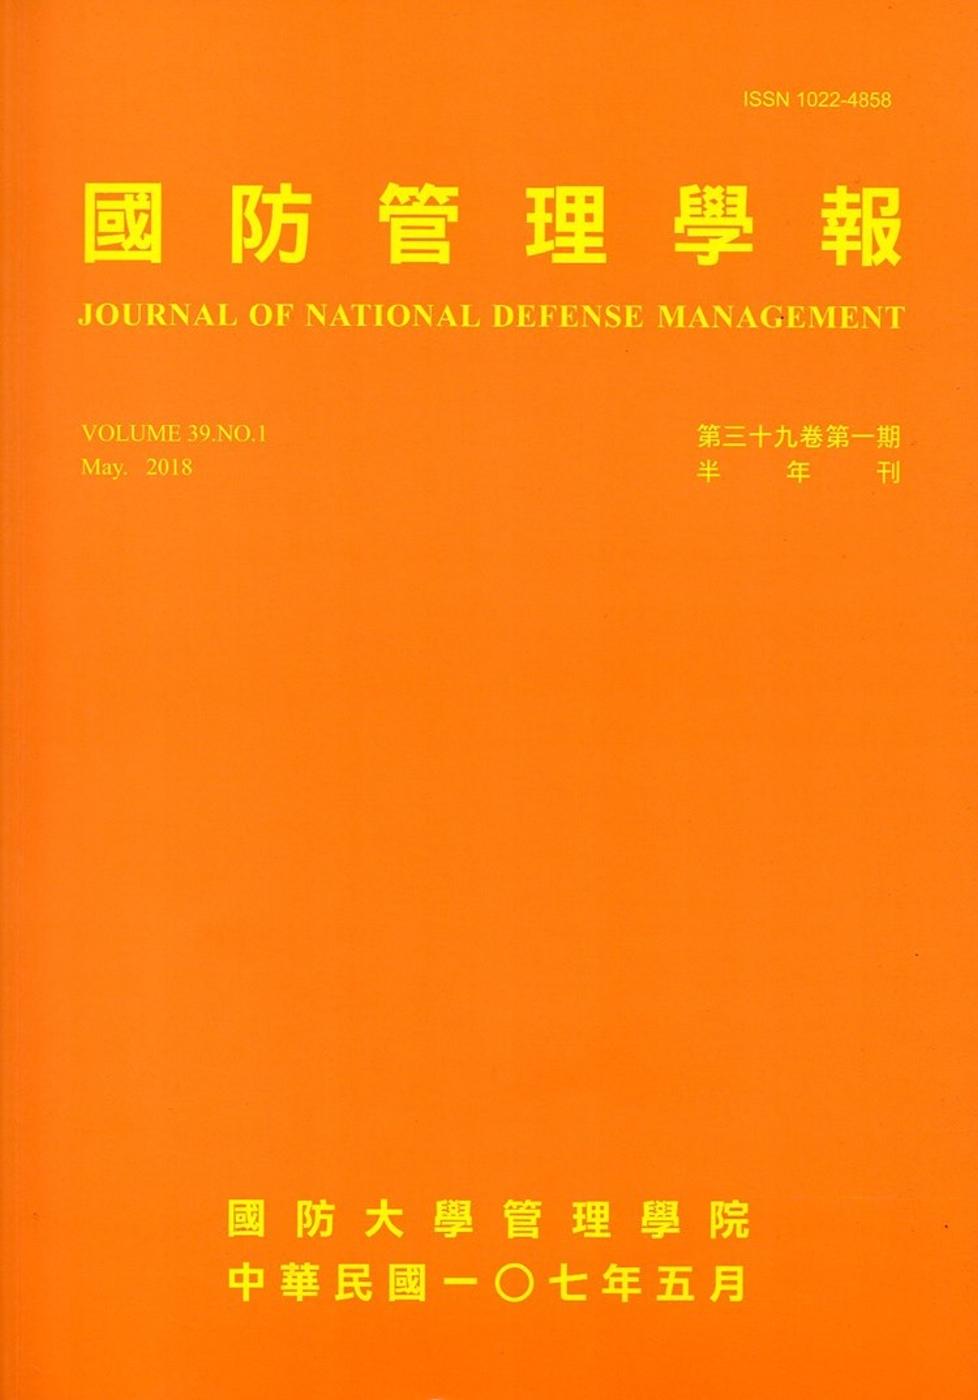 國防管理學報第39卷1期(2018.05)